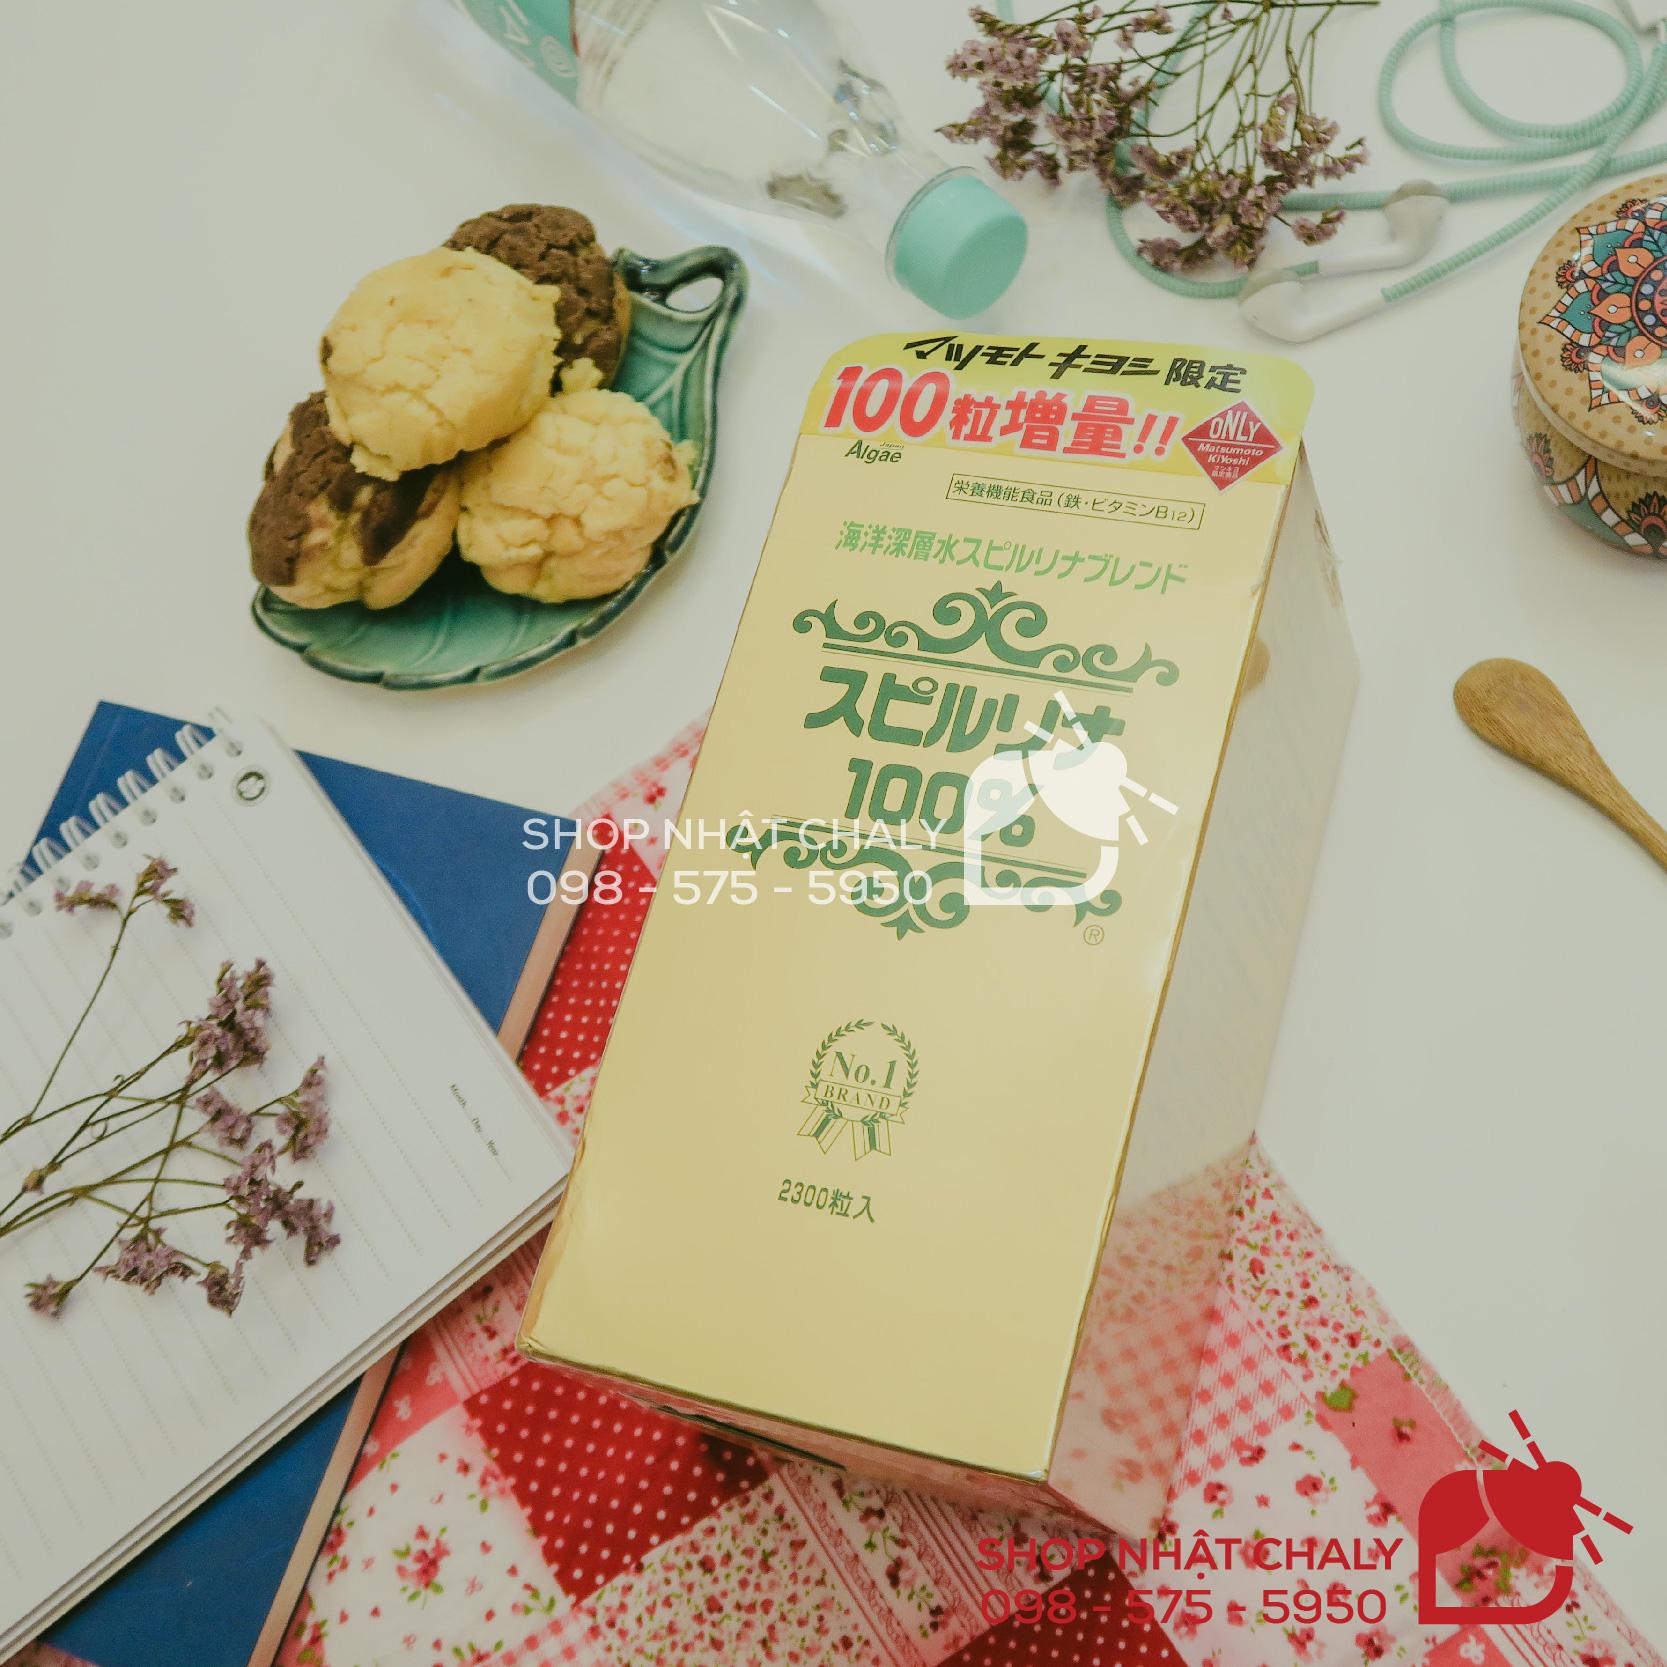 Tảo xoắn Spirulina Nhật Bản hộp 2200 viên mác đỏ bản limited phân phối tại nhà thuốc Matsumoto Kiyoshi, được tặng thêm 100 viên tảo spirulina nữa nên tổng cộng có 2300 viên